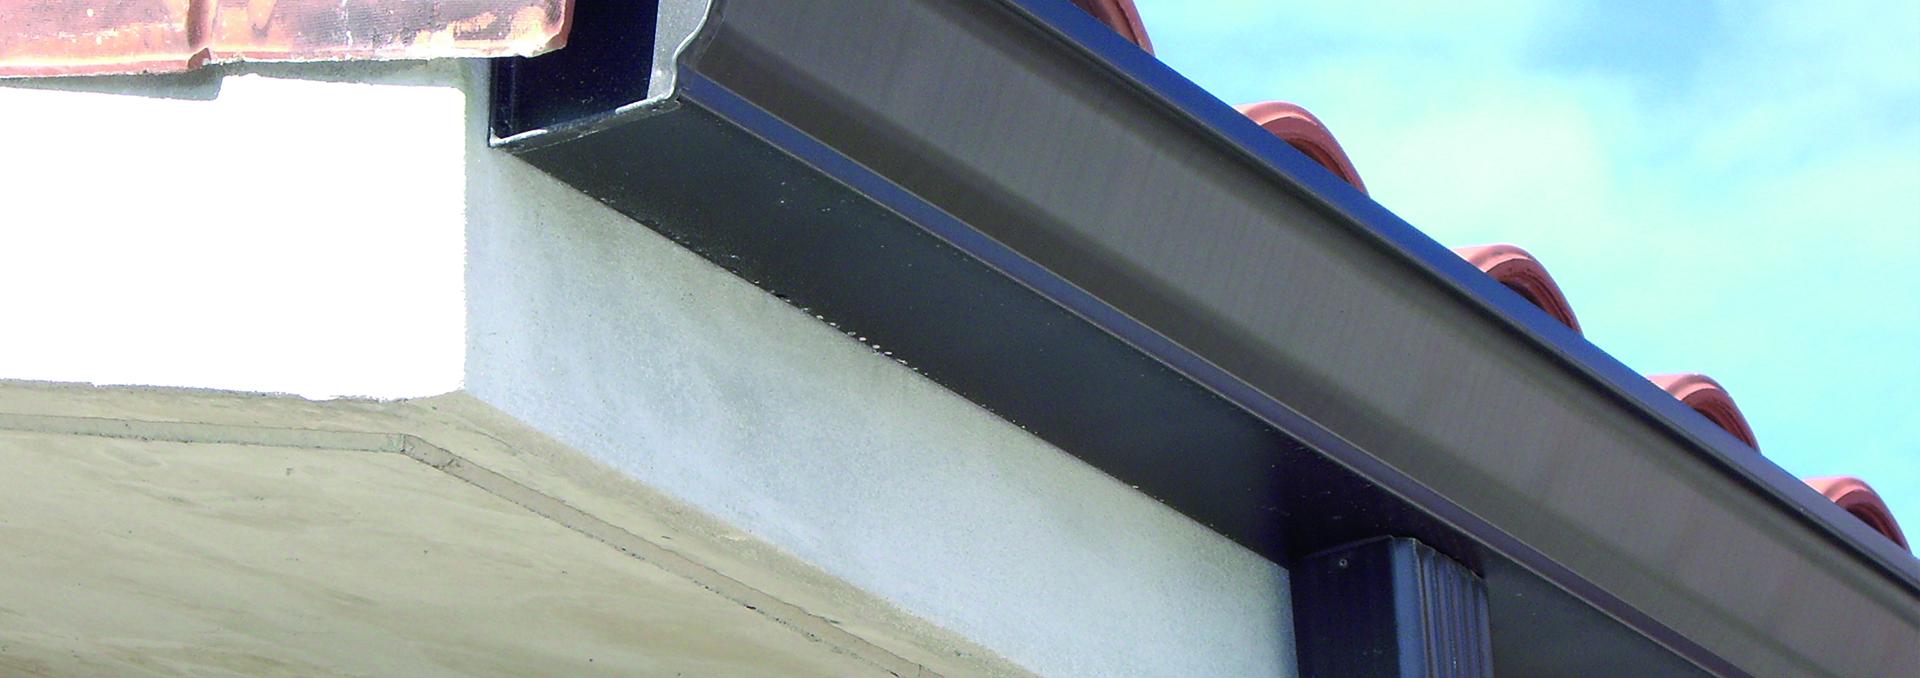 Servicios de limpieza y reparaci n de canalones ademas de for Canalon de aluminio